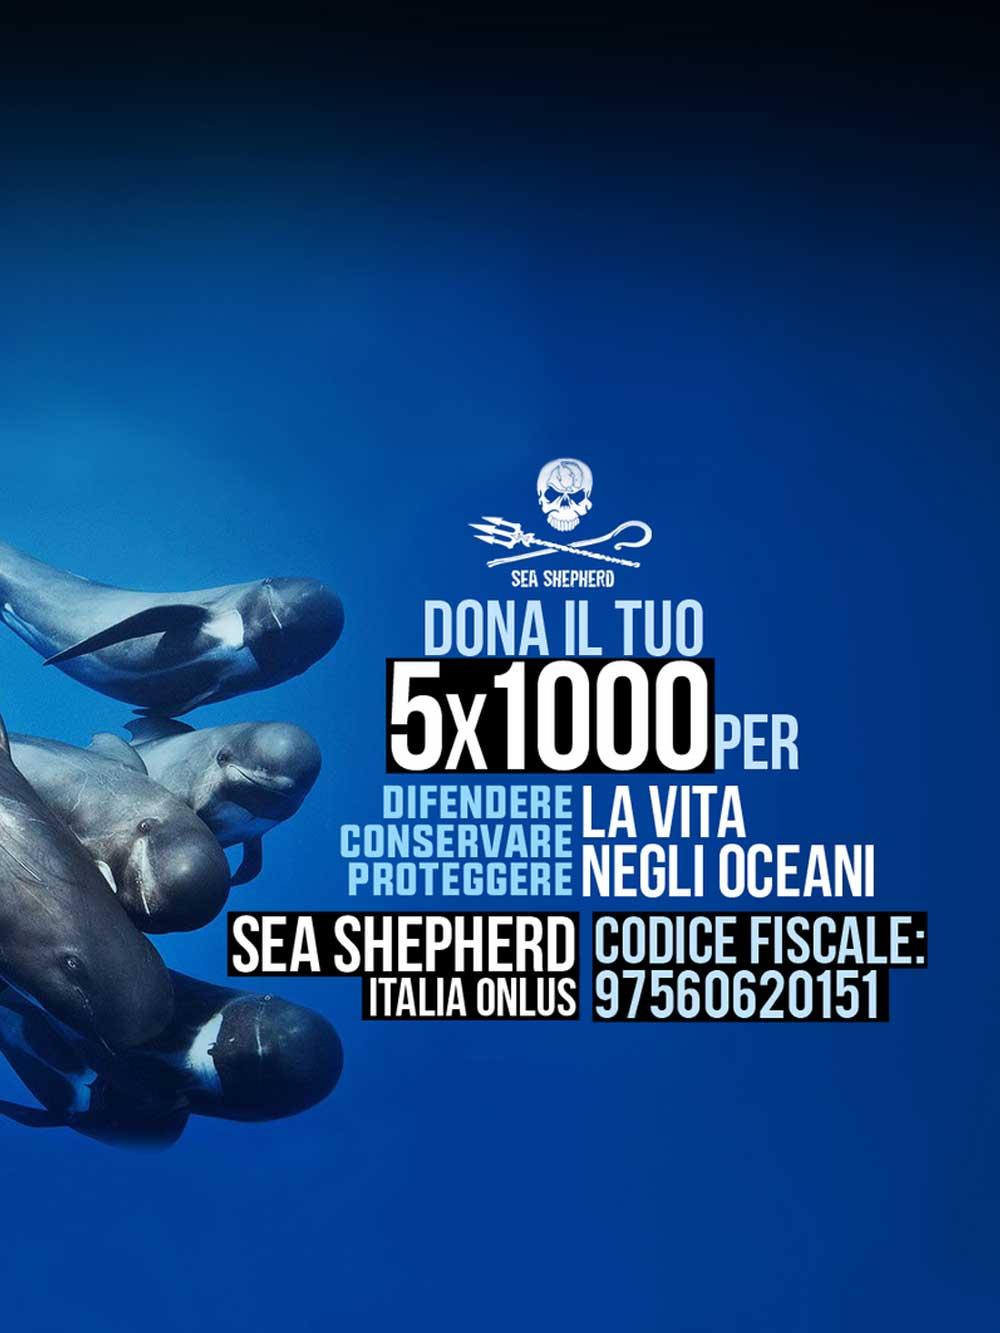 5x1000 donazioni Sea Shepherd per la vita negli oceani